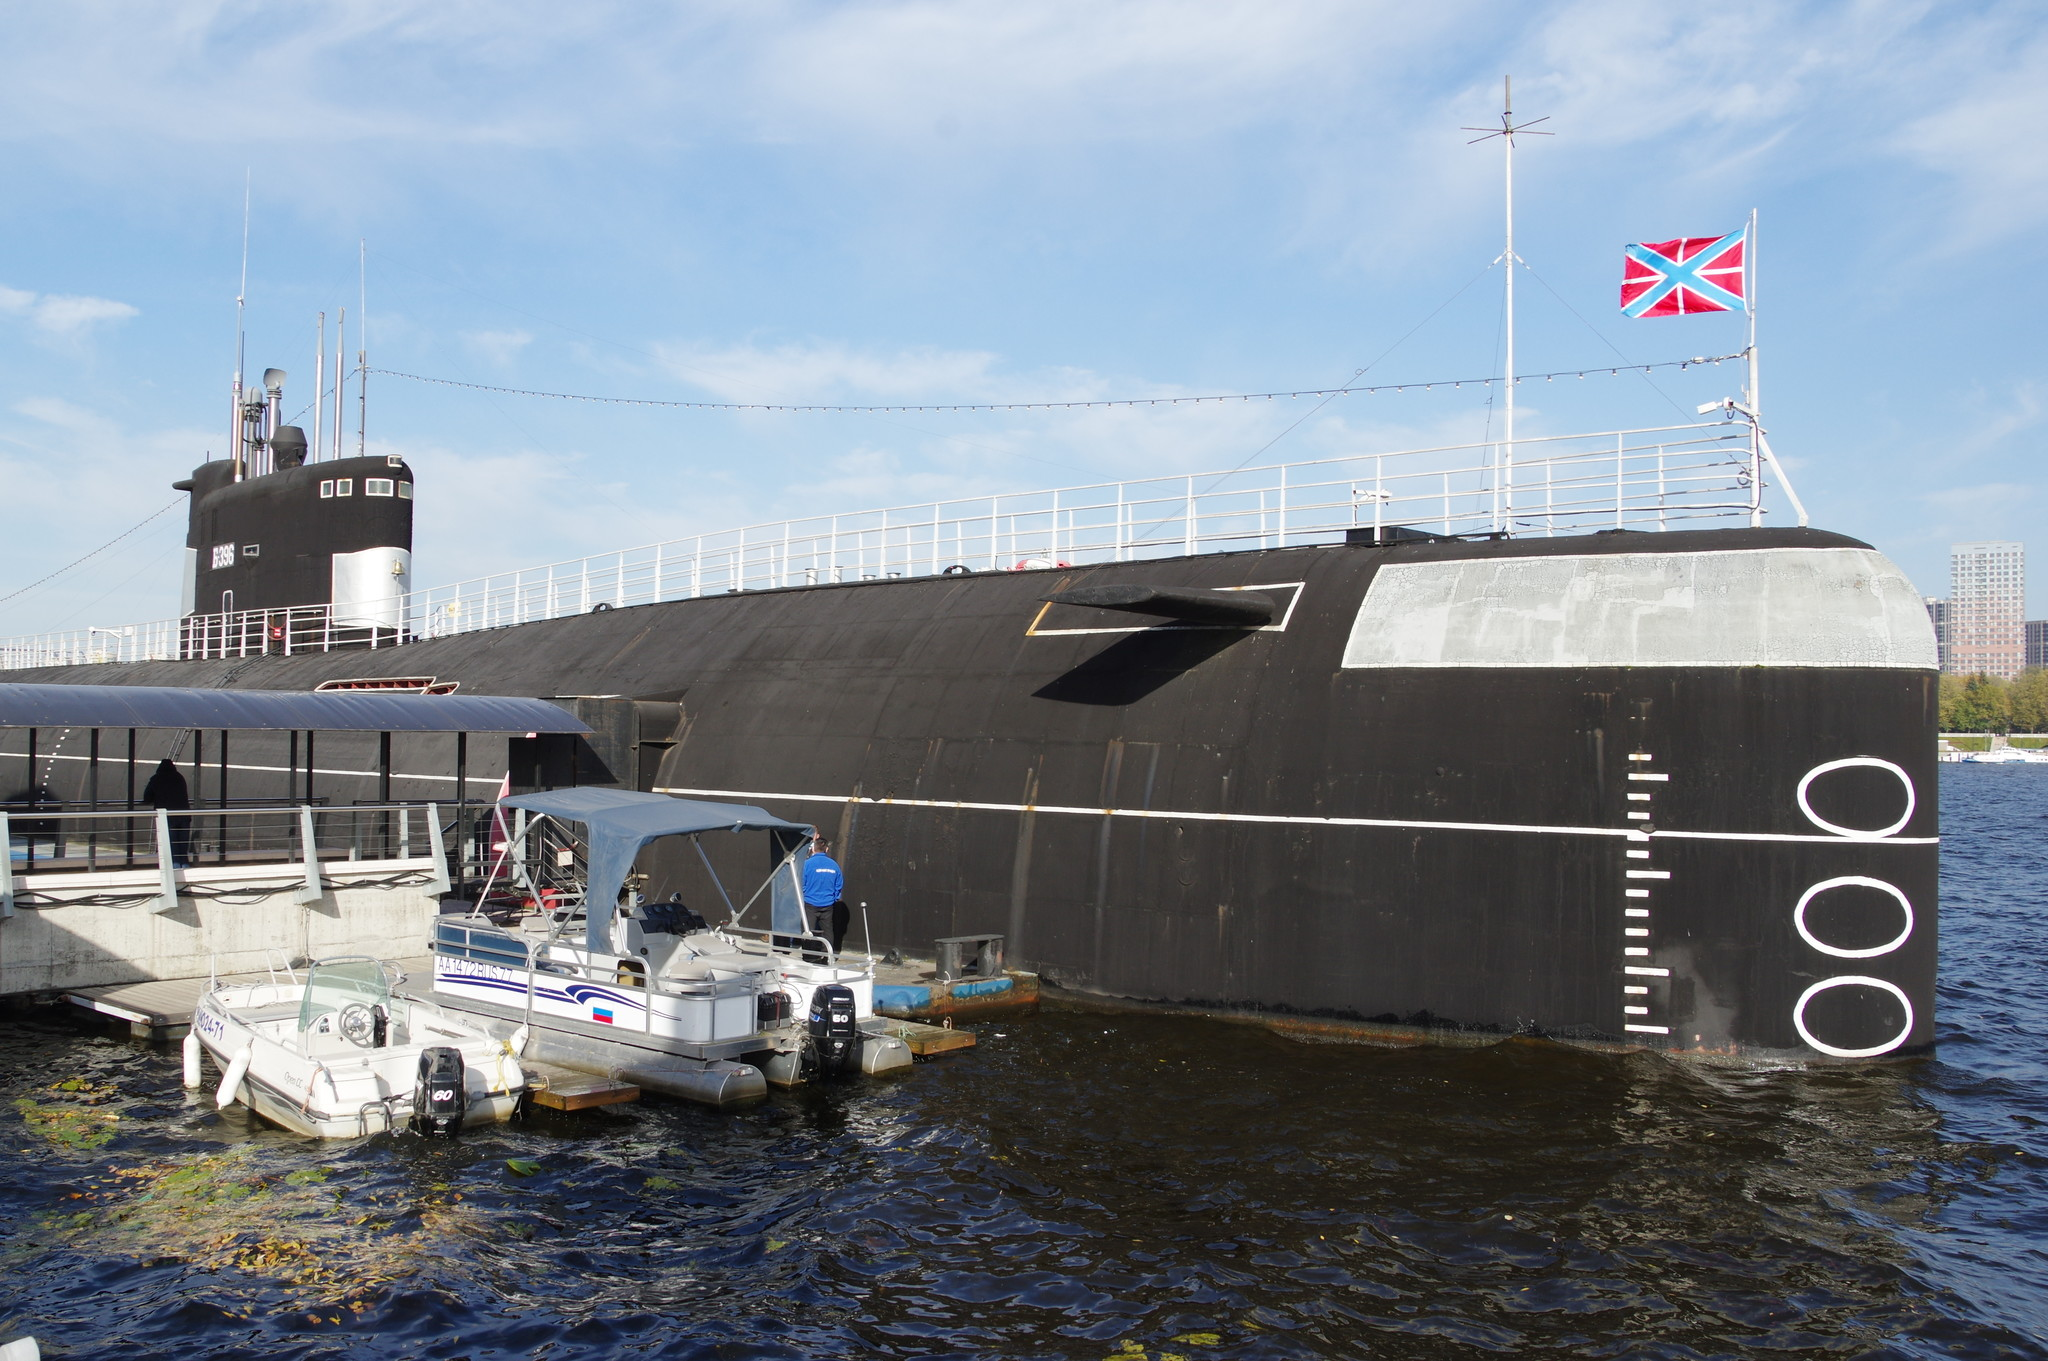 Дизель-электрическая подводная лодка Б-396 «Новосибирский комсомолец»